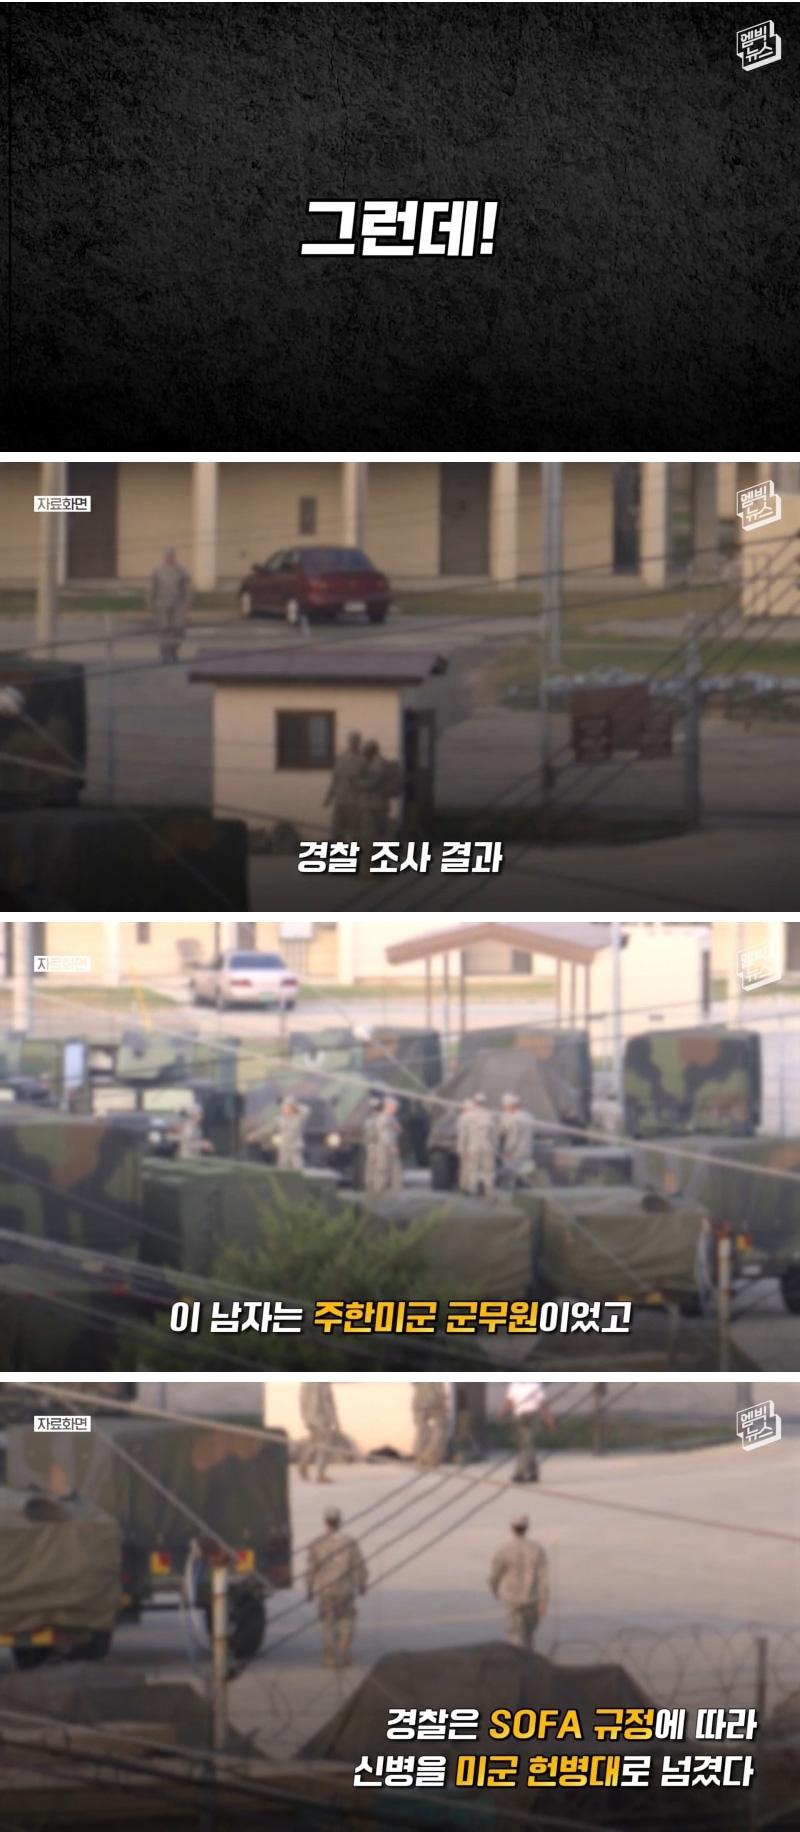 주차원 마구잡이 폭행한 미군 군무원 - 꾸르